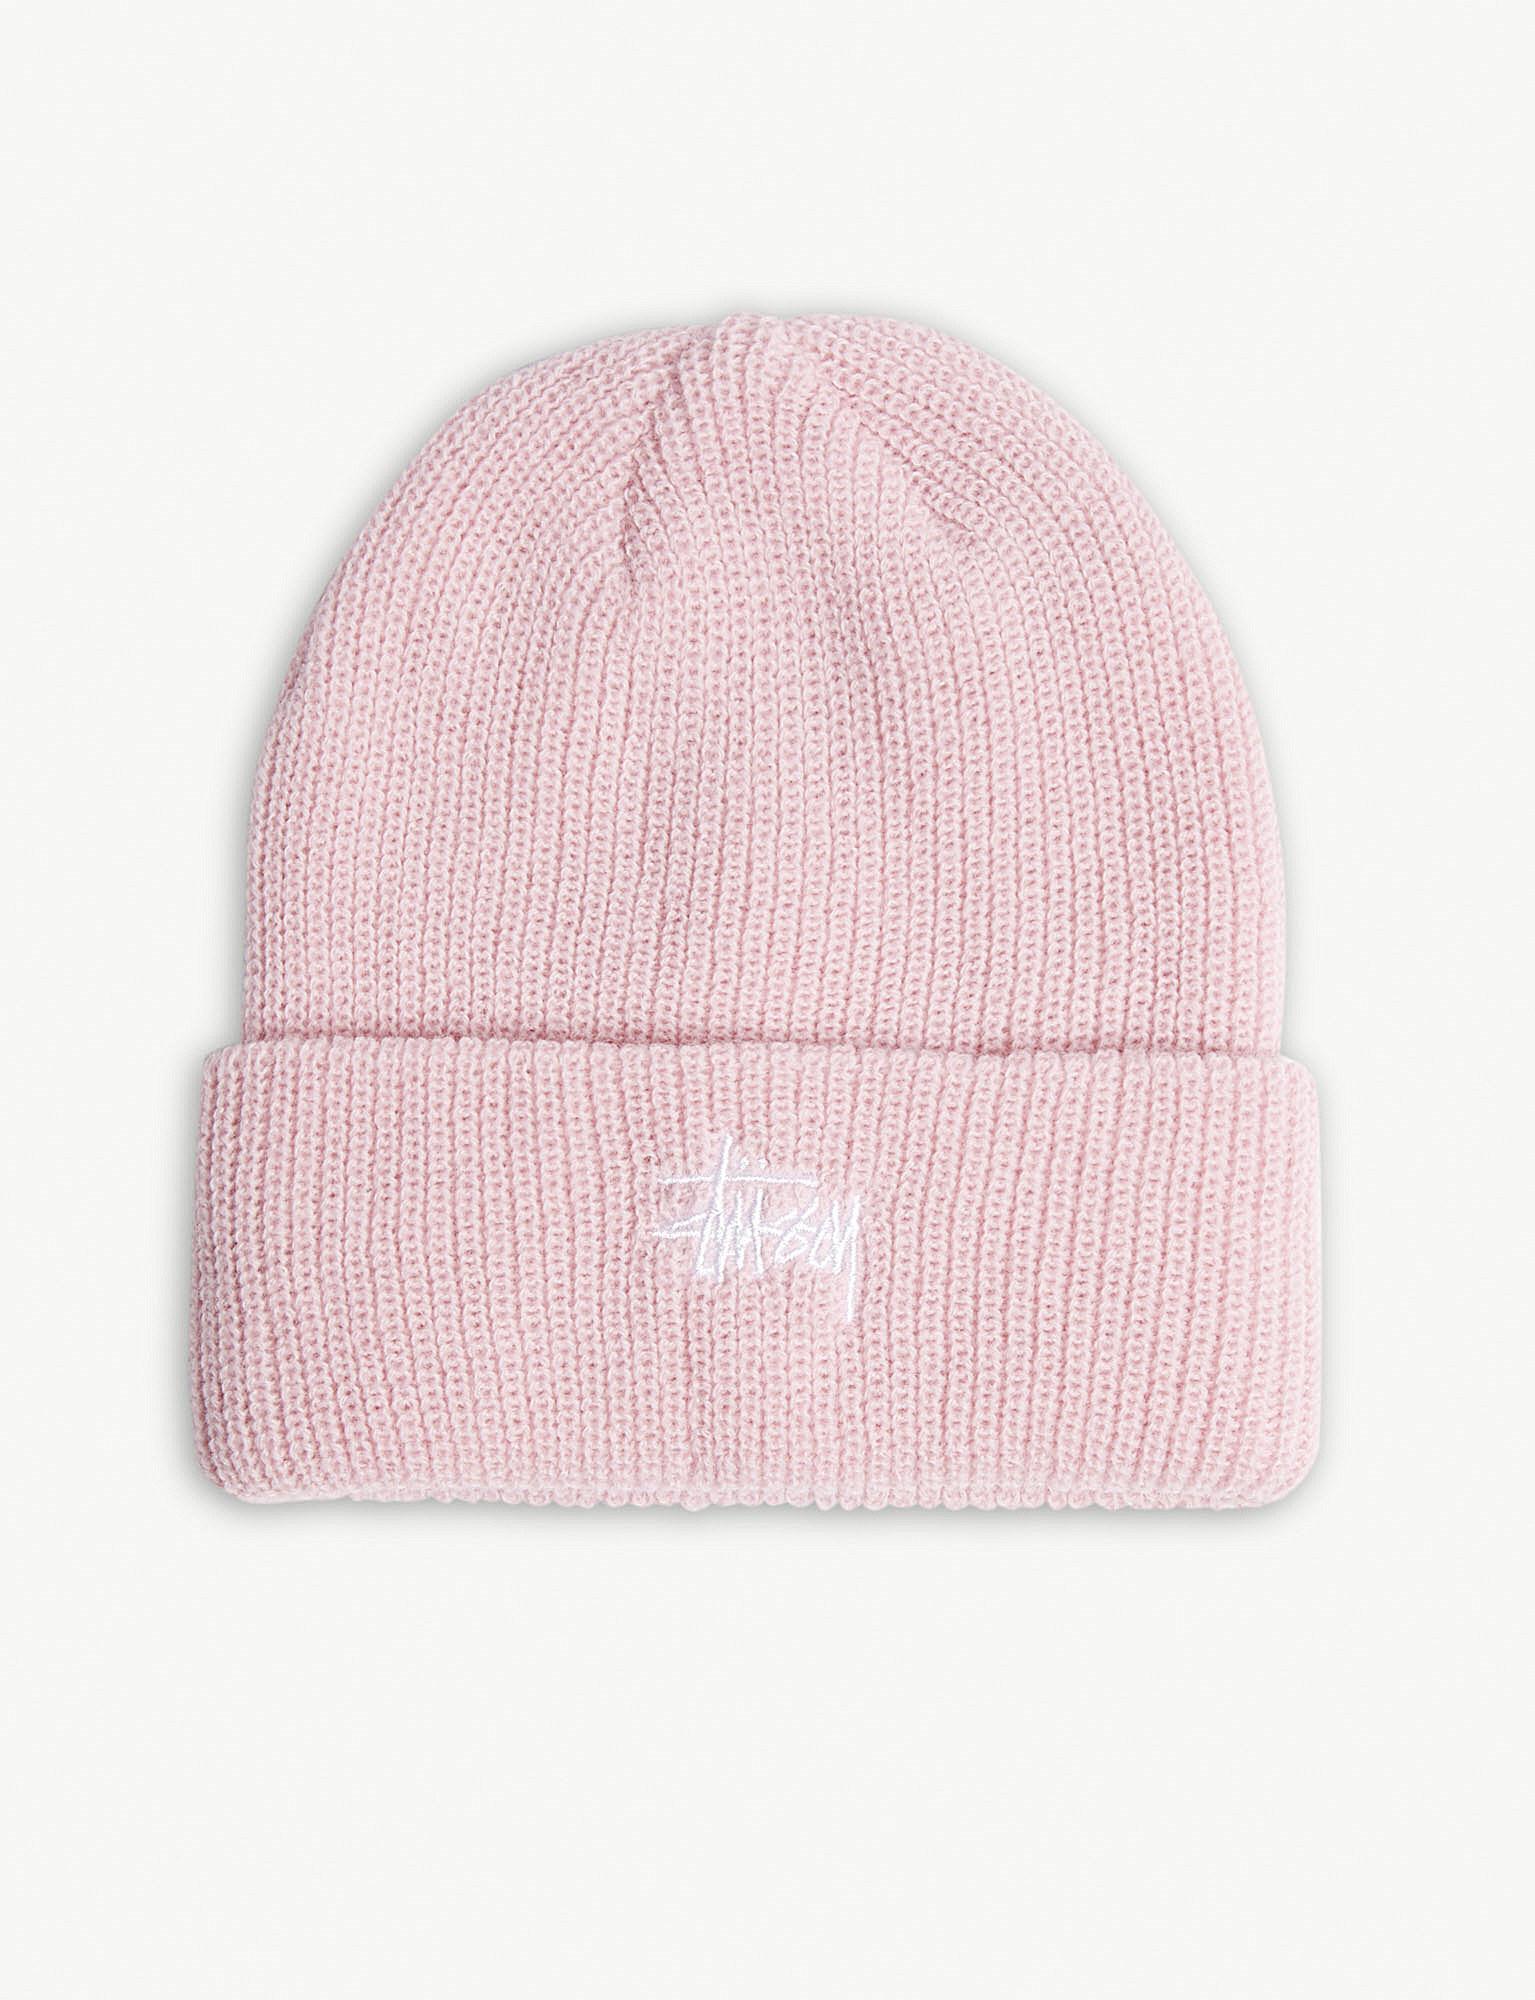 2525159c0 Stussy Pink Logo Cuff Beanie Hat